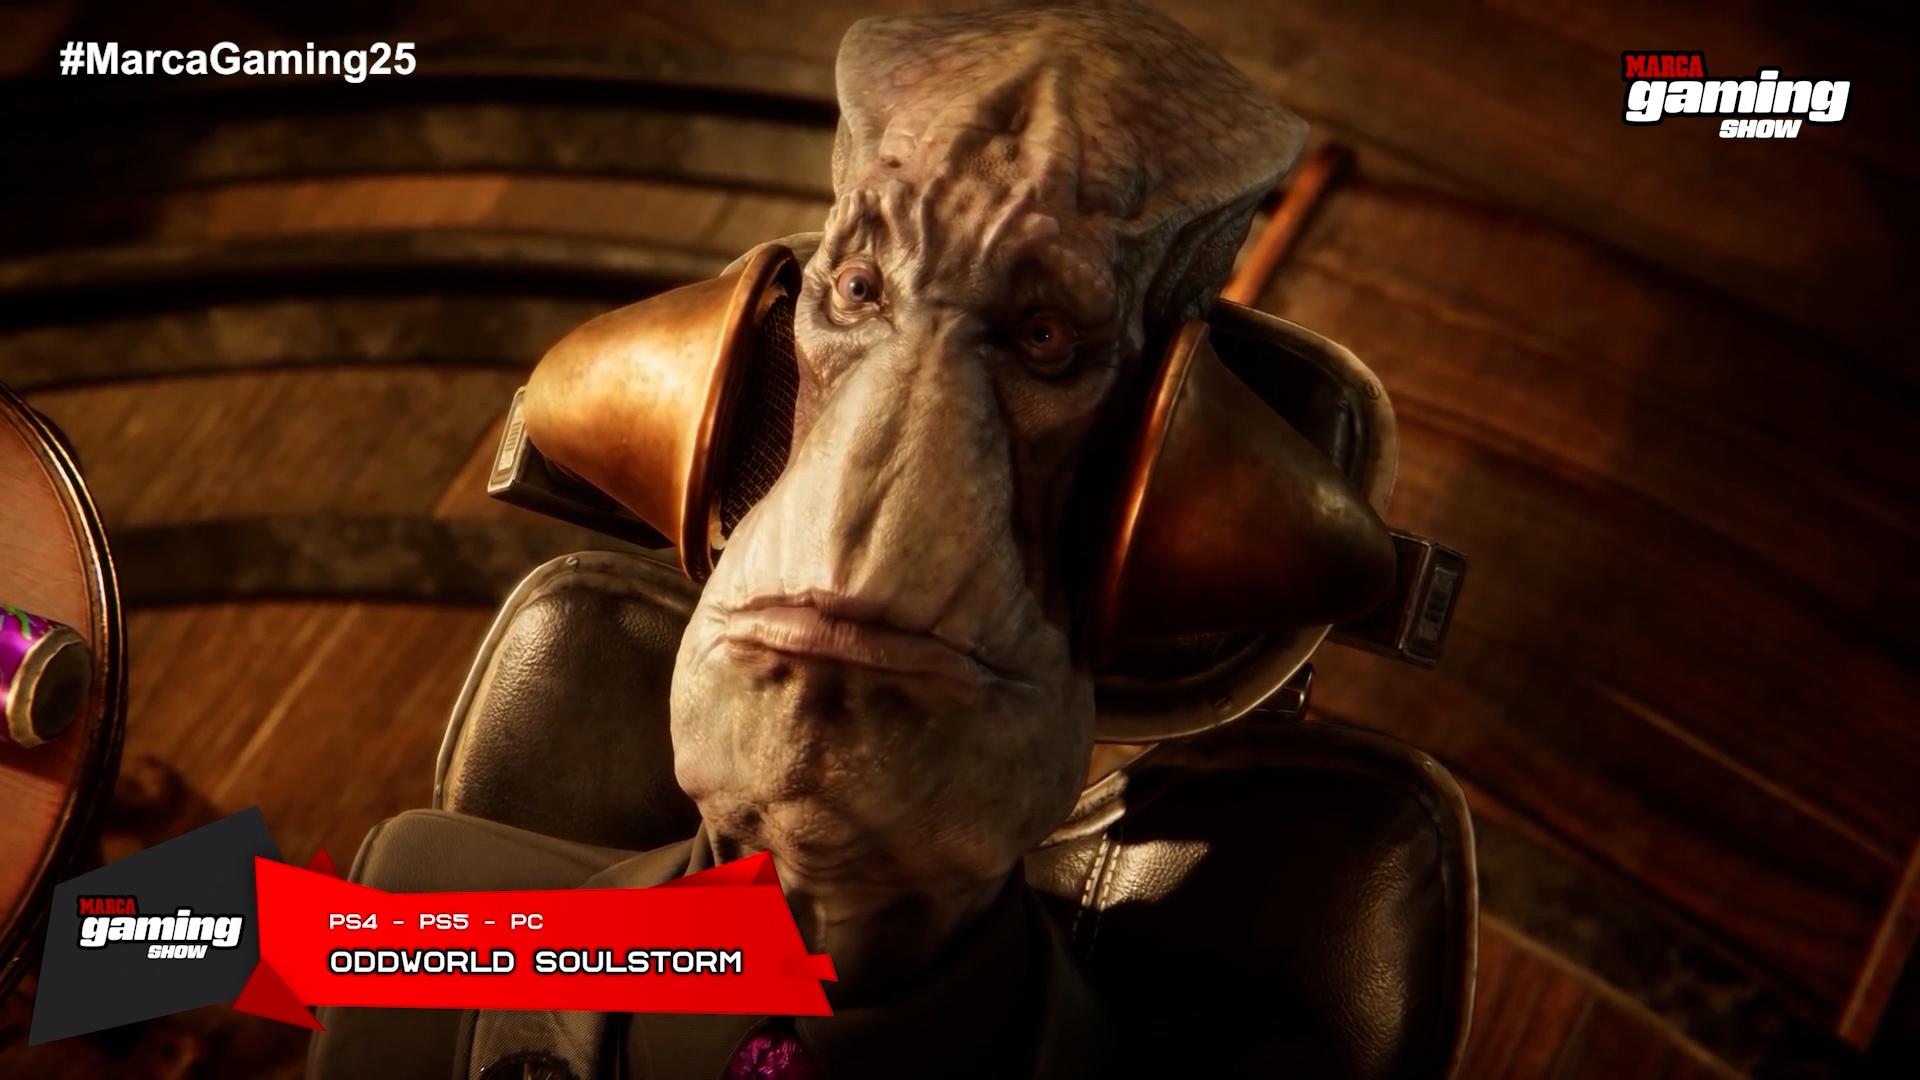 Oddworld Soulstorm (PS4)